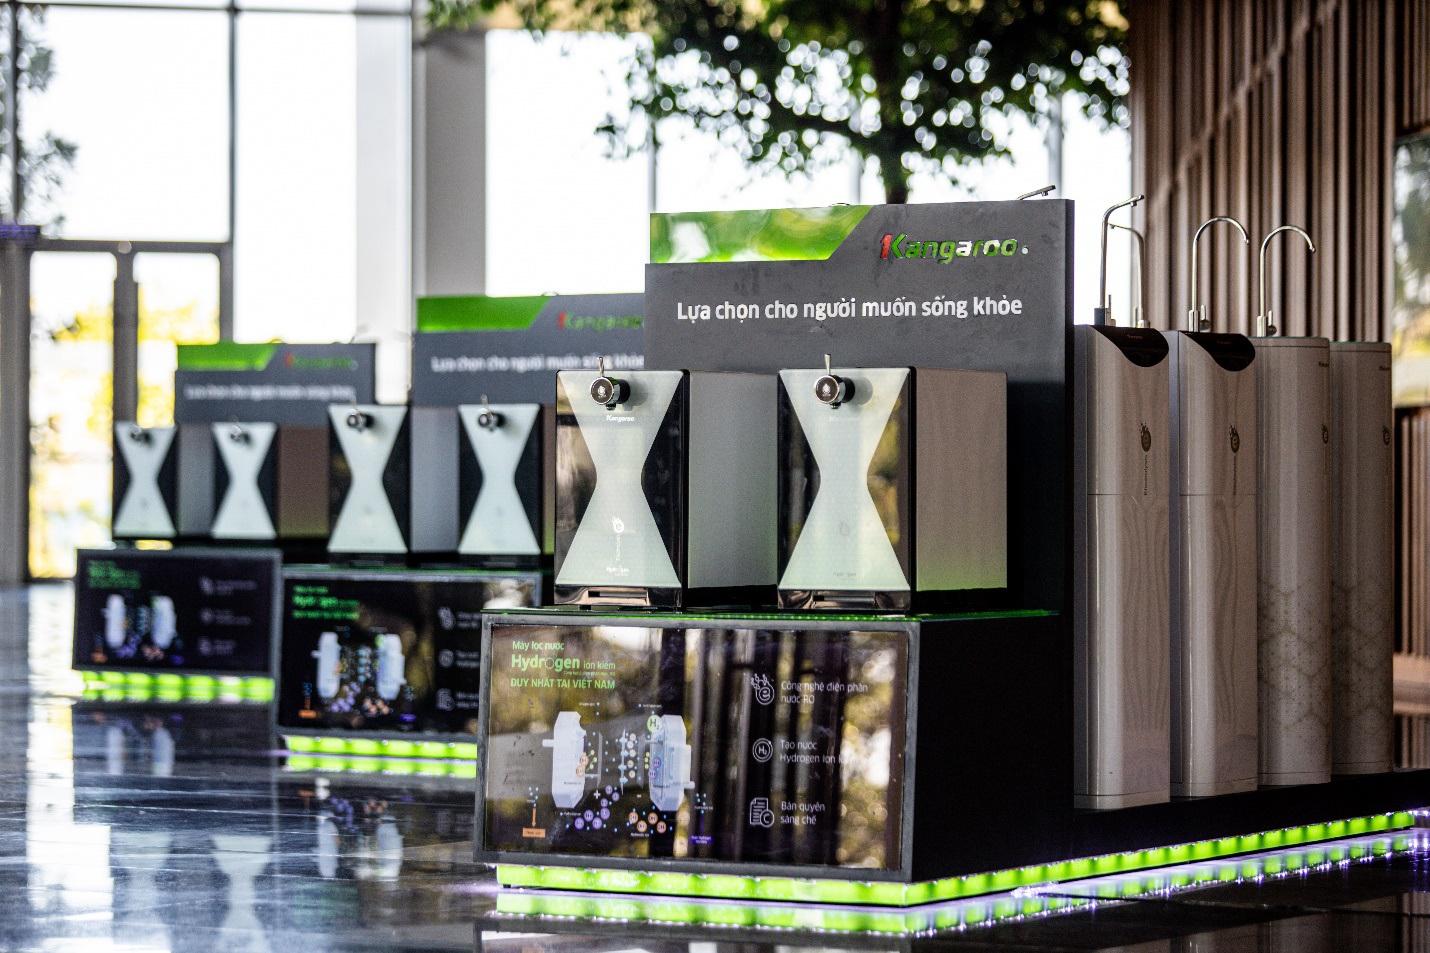 Yếu tố giúp Kangaroo thương hiệu máy lọc nước xuất sắc